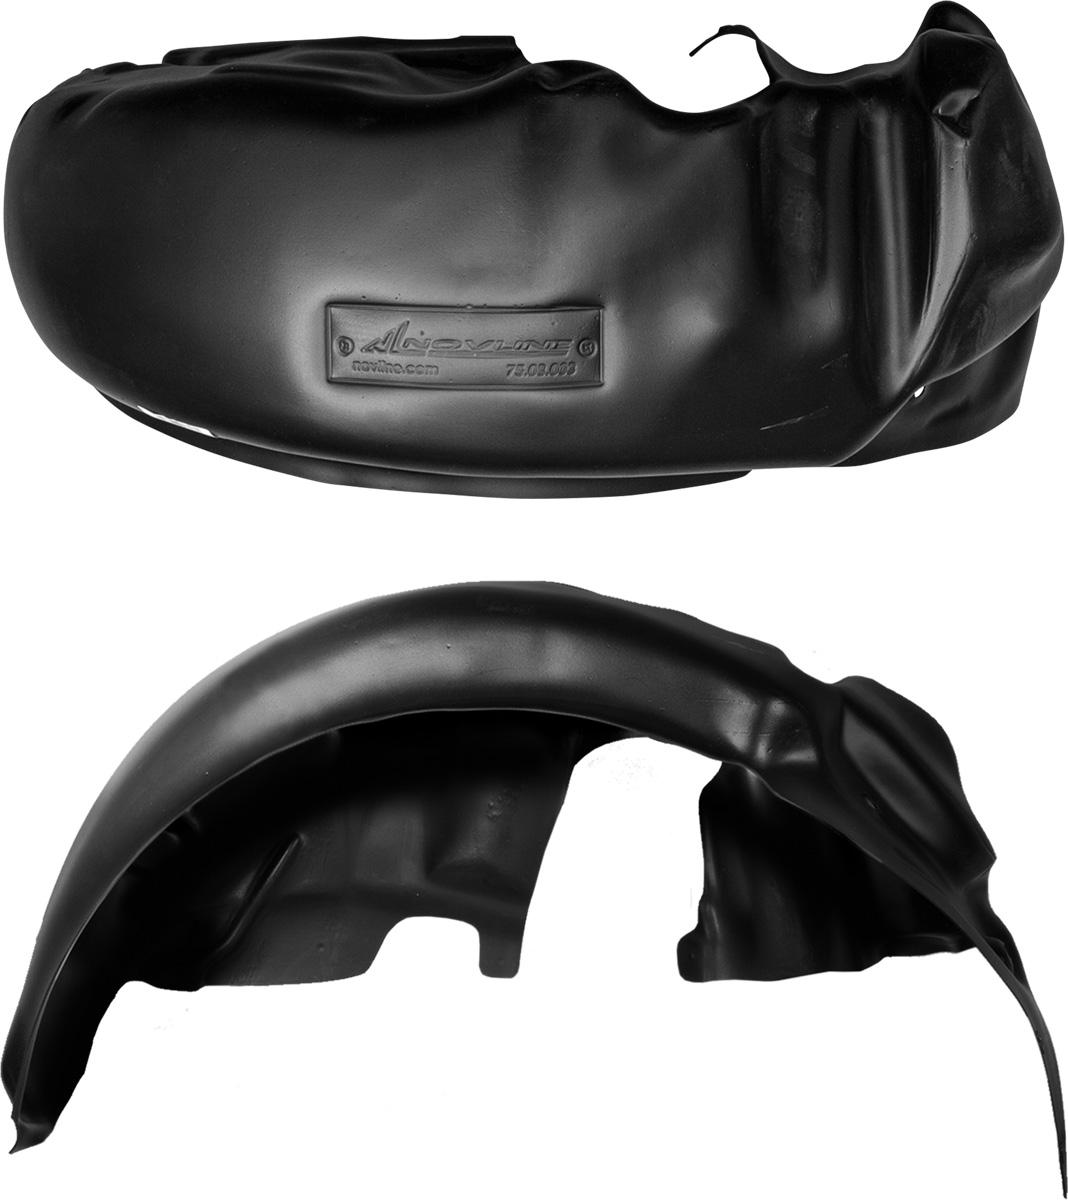 Подкрылок Novline-Autofamily, для Mitsubishi Outlander, 2012-2015, 2015->, передний правый44005003Колесные ниши - одни из самых уязвимых зон днища вашего автомобиля. Они постоянно подвергаются воздействию со стороны дороги. Лучшая, почти абсолютная защита для них - специально отформованные пластиковые кожухи, которые называются подкрылками. Производятся они как для отечественных моделей автомобилей, так и для иномарок. Подкрылки Novline-Autofamily выполнены из высококачественного, экологически чистого пластика. Обеспечивают надежную защиту кузова автомобиля от пескоструйного эффекта и негативного влияния, агрессивных антигололедных реагентов. Пластик обладает более низкой теплопроводностью, чем металл, поэтому в зимний период эксплуатации использование пластиковых подкрылков позволяет лучше защитить колесные ниши от налипания снега и образования наледи. Оригинальность конструкции подчеркивает элегантность автомобиля, бережно защищает нанесенное на днище кузова антикоррозийное покрытие и позволяет осуществить крепление подкрылков внутри колесной арки практически без дополнительного крепежа и сверления, не нарушая при этом лакокрасочного покрытия, что предотвращает возникновение новых очагов коррозии. Подкрылки долговечны, обладают высокой прочностью и сохраняют заданную форму, а также все свои физико-механические характеристики в самых тяжелых климатических условиях (от -50°С до +50°С).Уважаемые клиенты!Обращаем ваше внимание, на тот факт, что подкрылок имеет форму, соответствующую модели данного автомобиля. Фото служит для визуального восприятия товара.